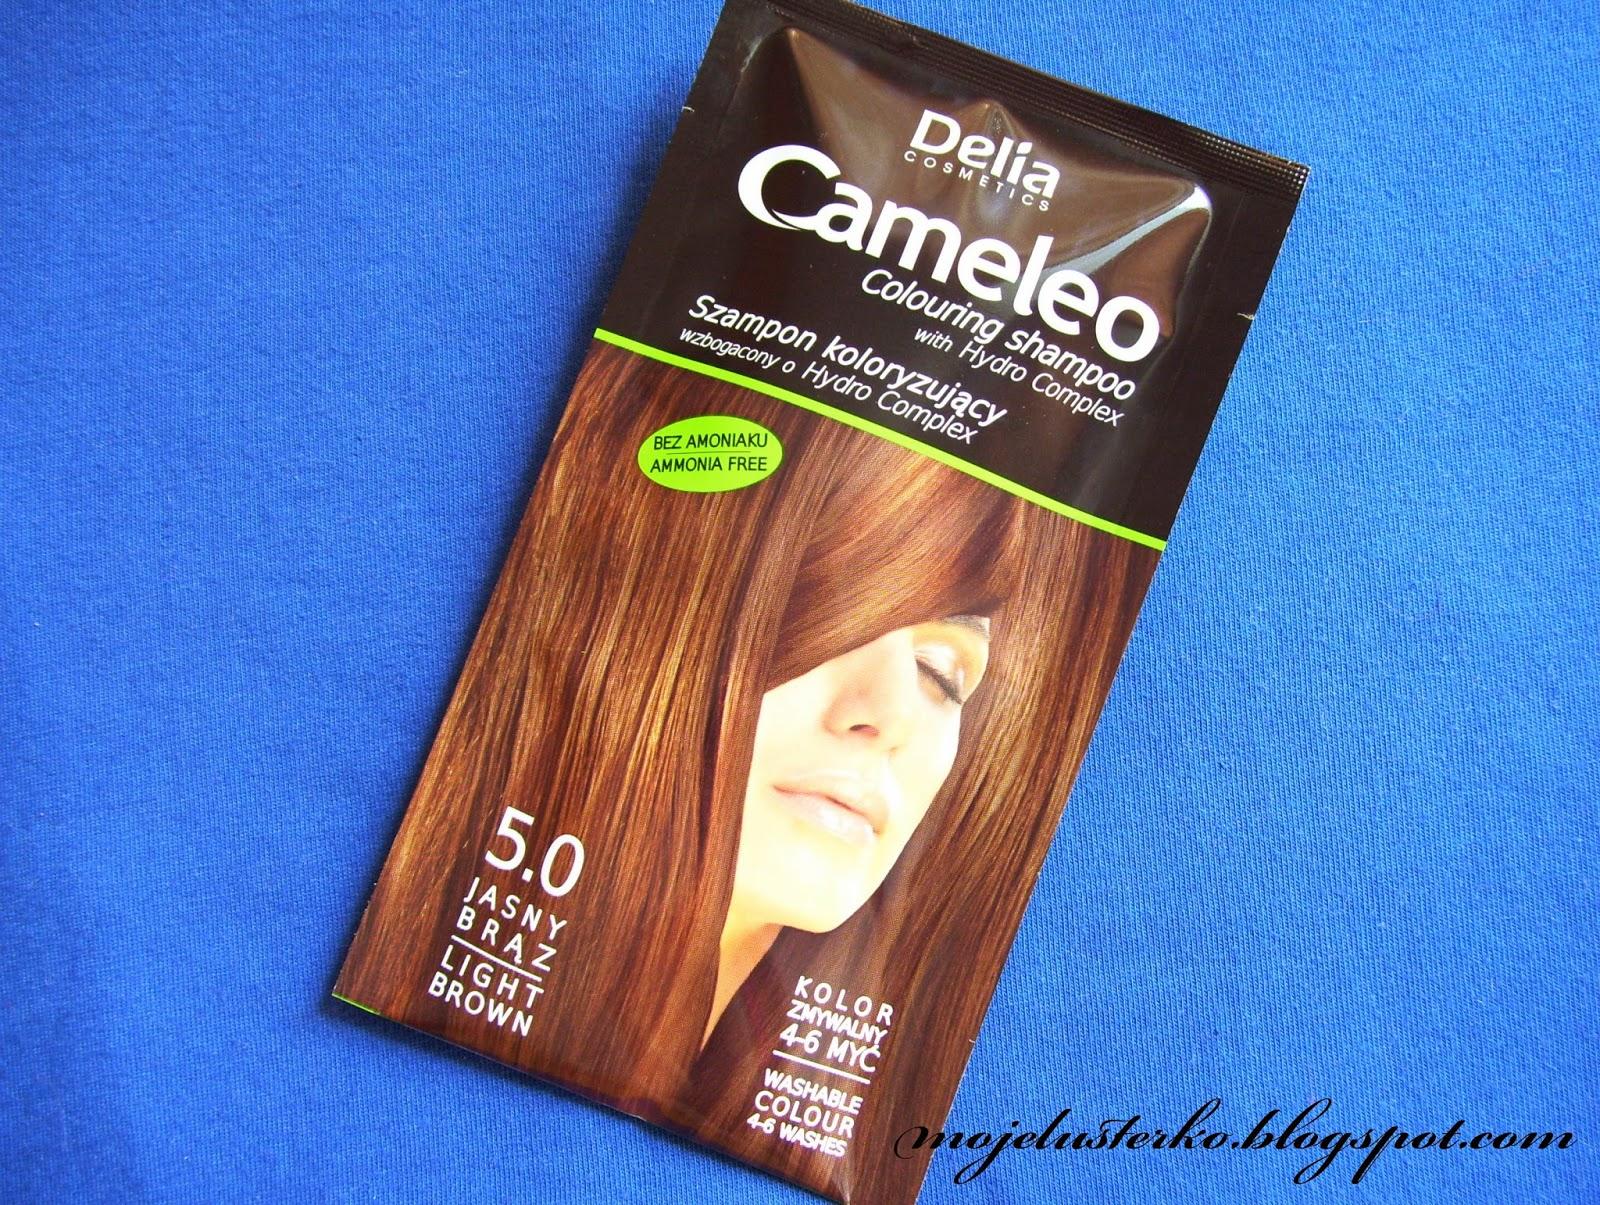 Czy Cameleo to dobry szampon?